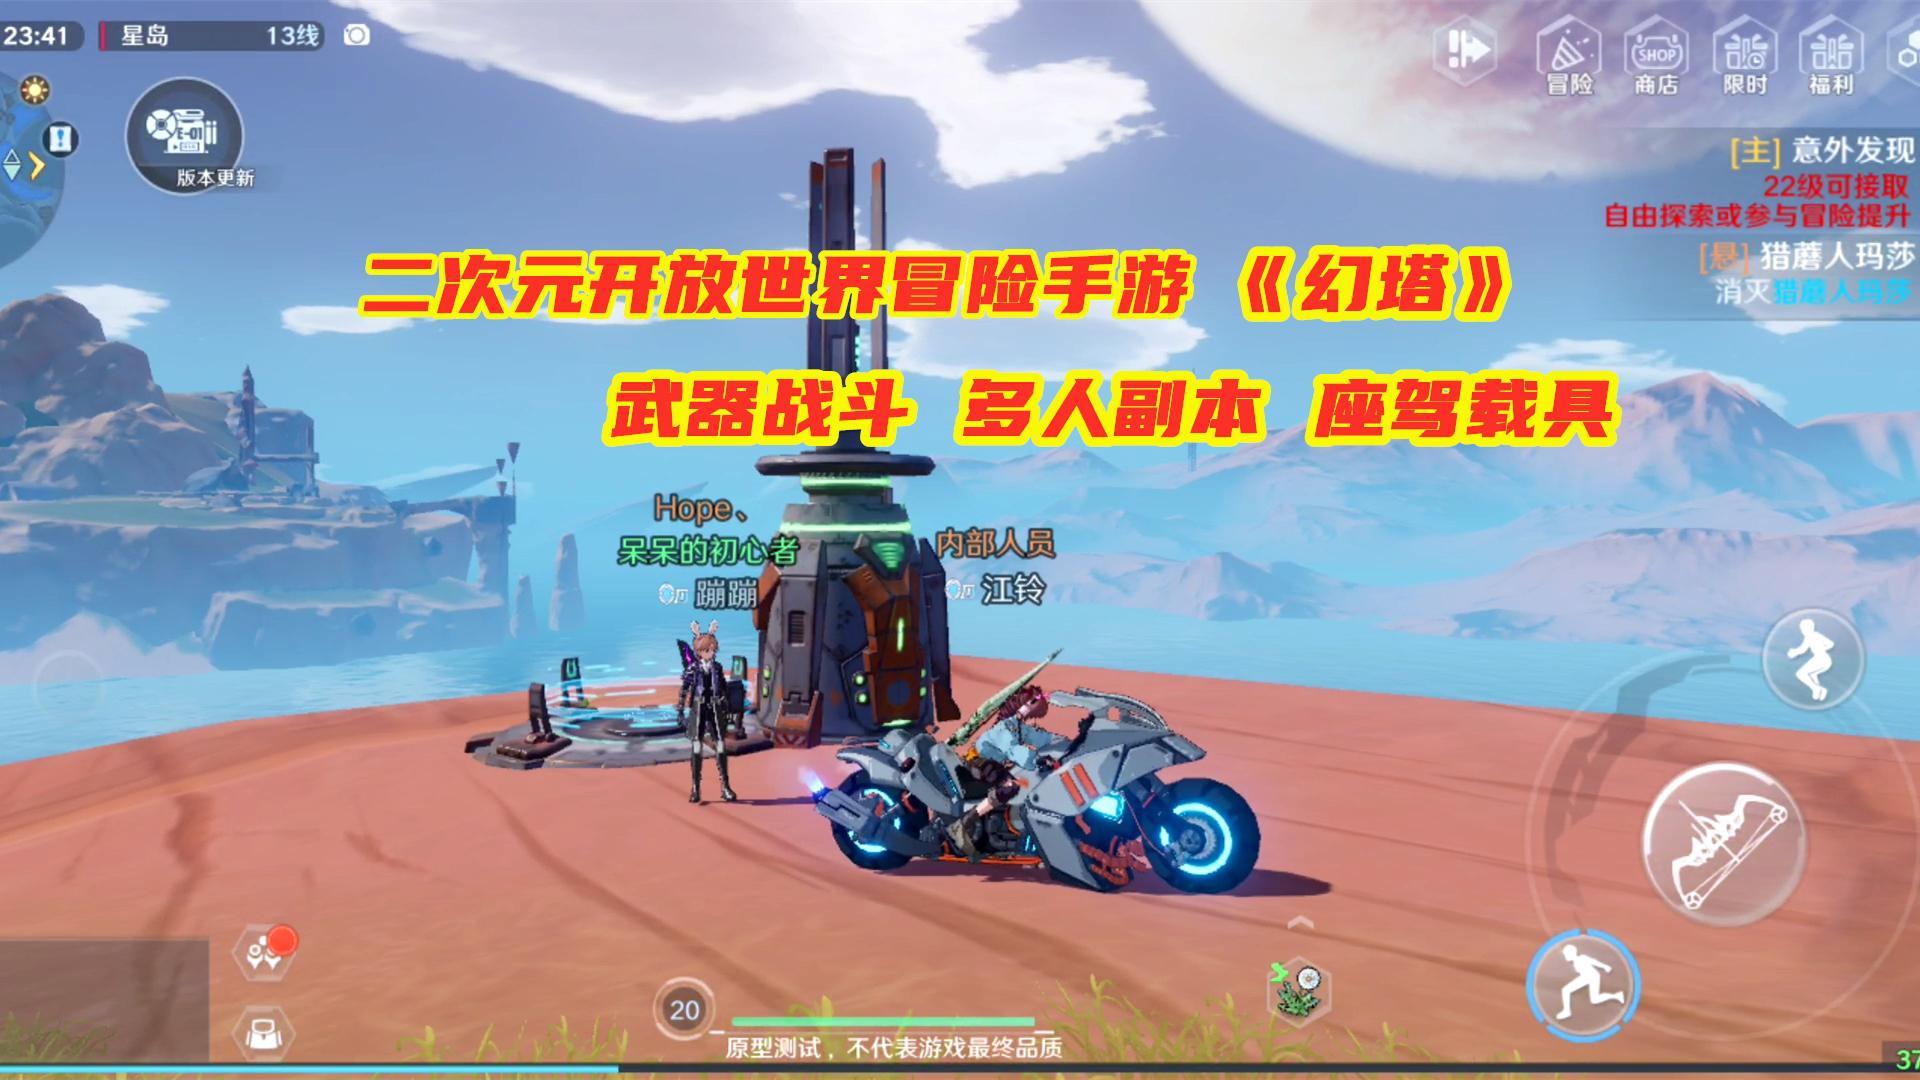 幻塔手游试玩:武器战斗多人副本及坐骑!二次元开放世界冒险手游